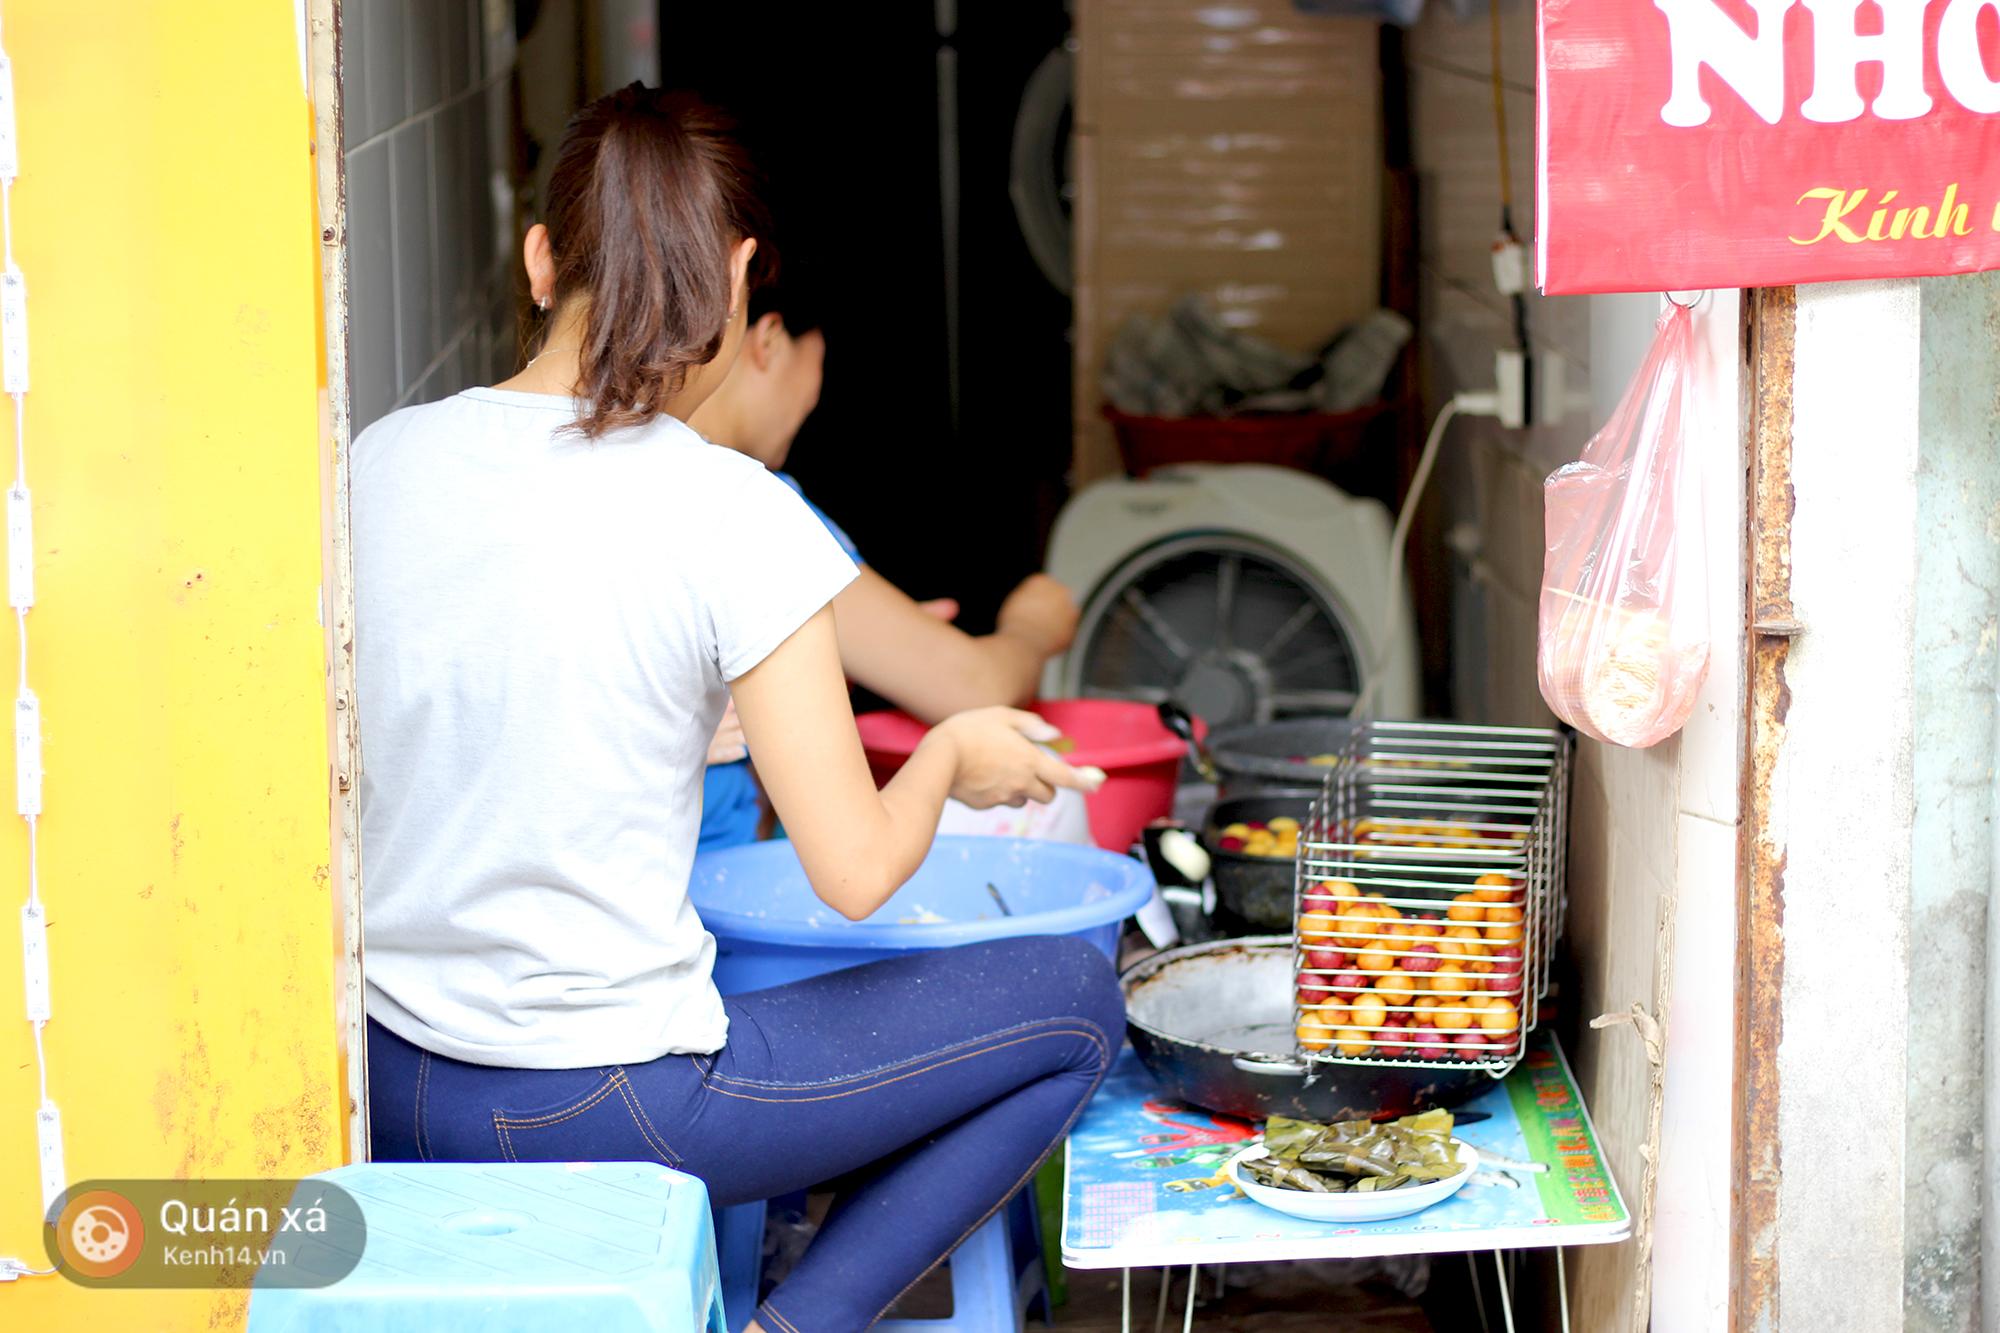 Bánh rán sống ảo chỉ 500 đồng: ăn ngon mà chụp lên ảnh thì đẹp vô đối - Ảnh 2.